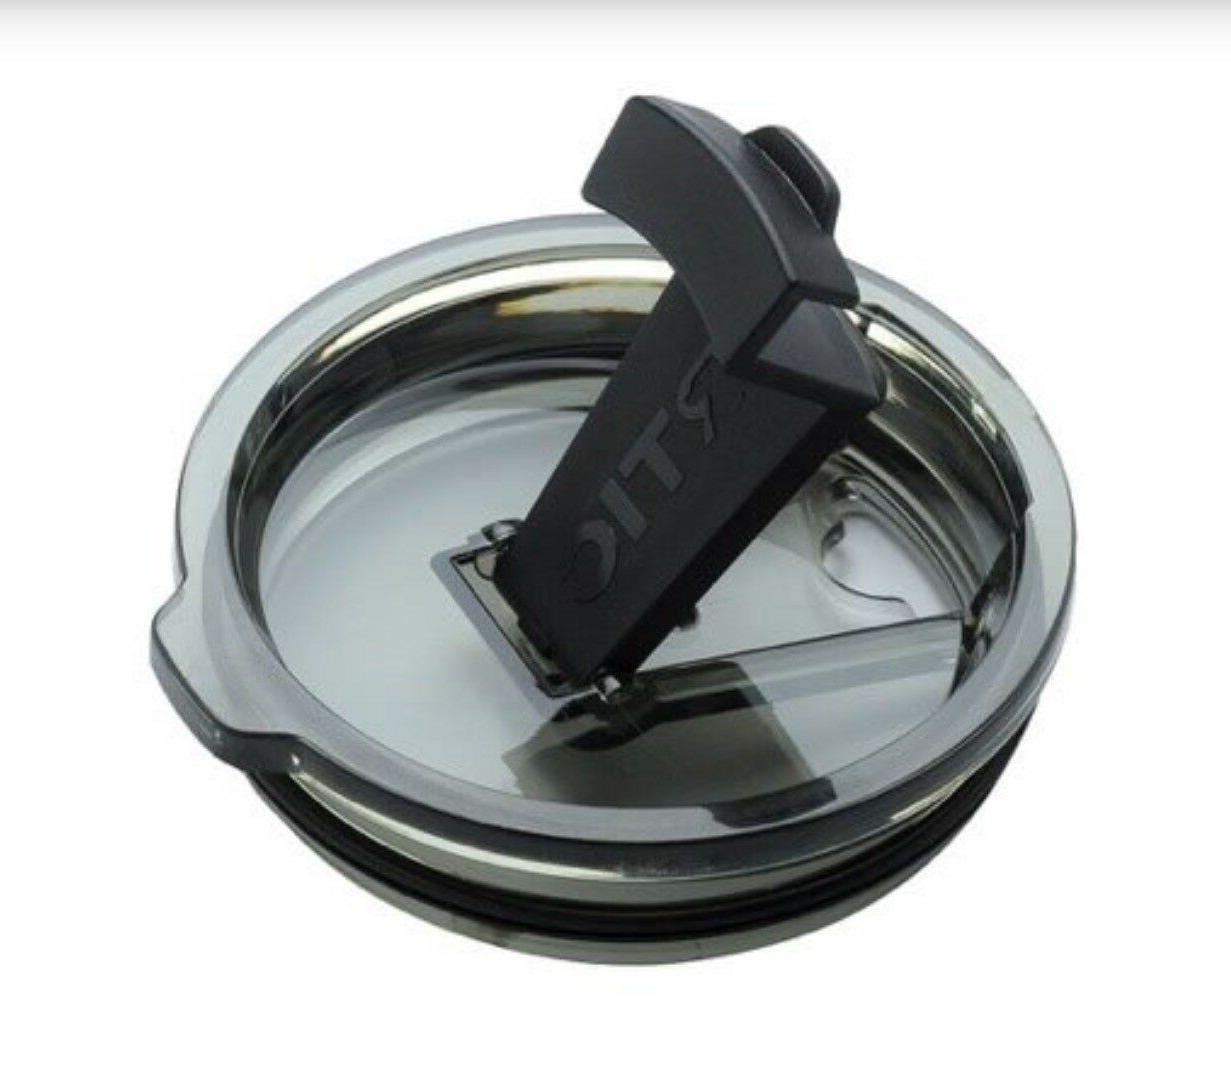 original 2017 model lid replacement 20 30